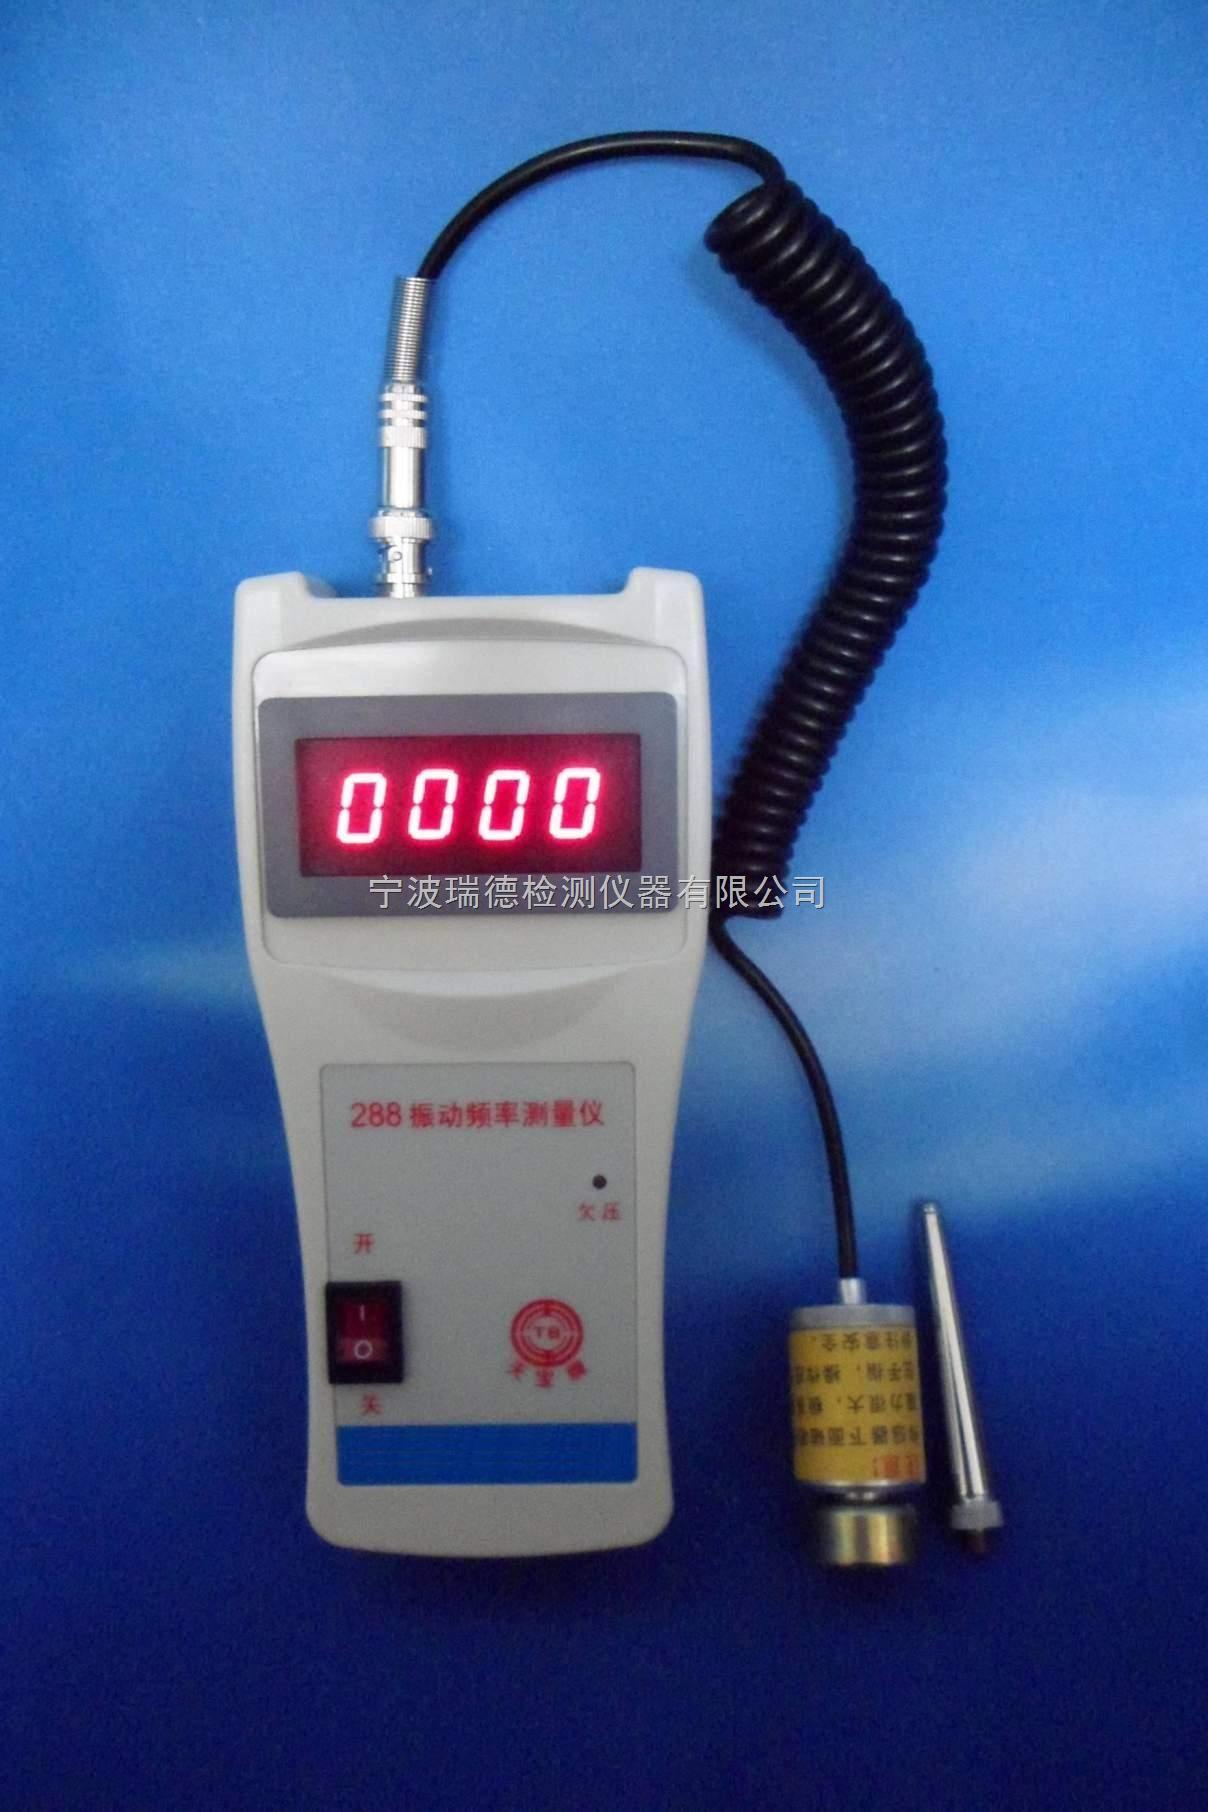 288288振动频率测量仪,宁波瑞德牌,厂家热卖,现货,Z优价,参数,图片,资料